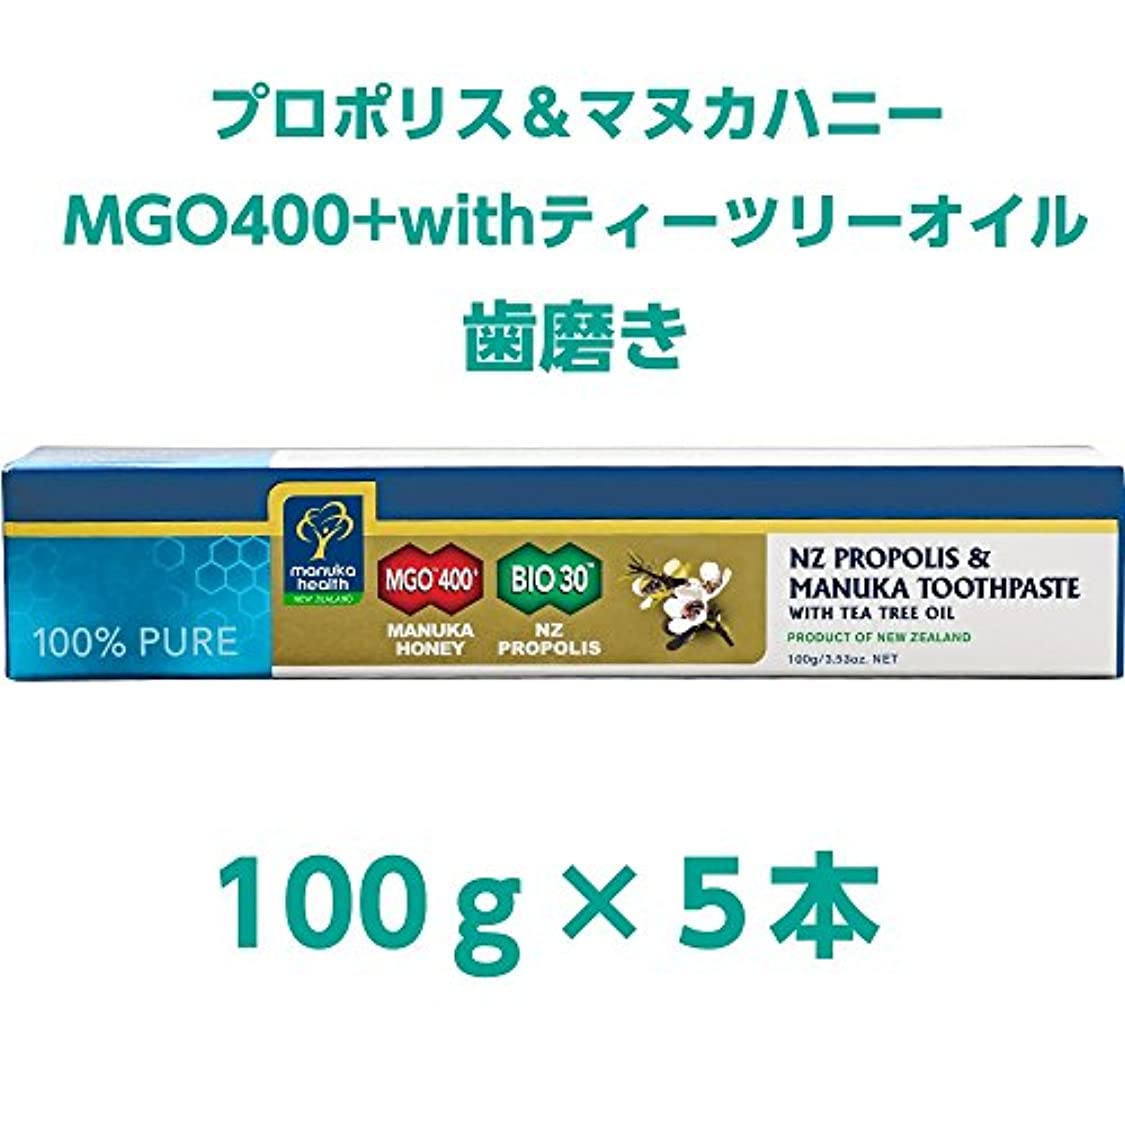 発信苦注ぎますマヌカヘルス(ManukaHealth) プロポリス&マヌカハニーMGO400+withティーツリーオイル 歯磨き(100g×5本)